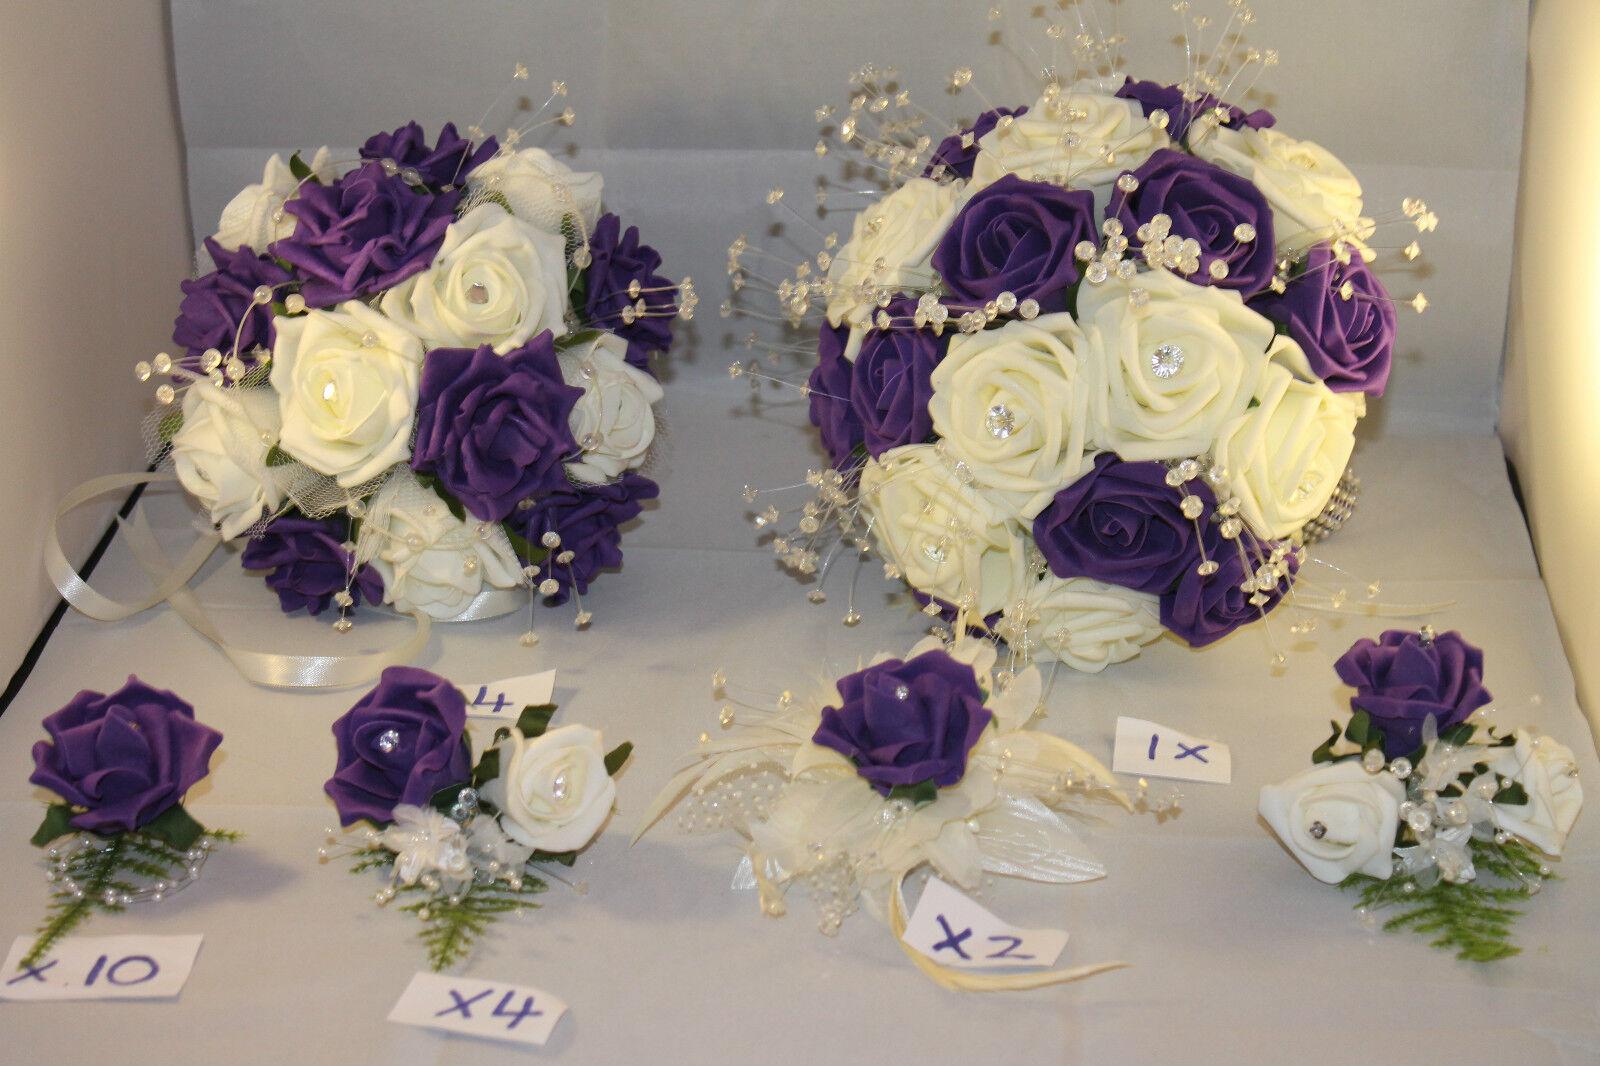 Mariage bouquets boutonnières Corsage Paquet Violet & Ivoire  22 Pièces